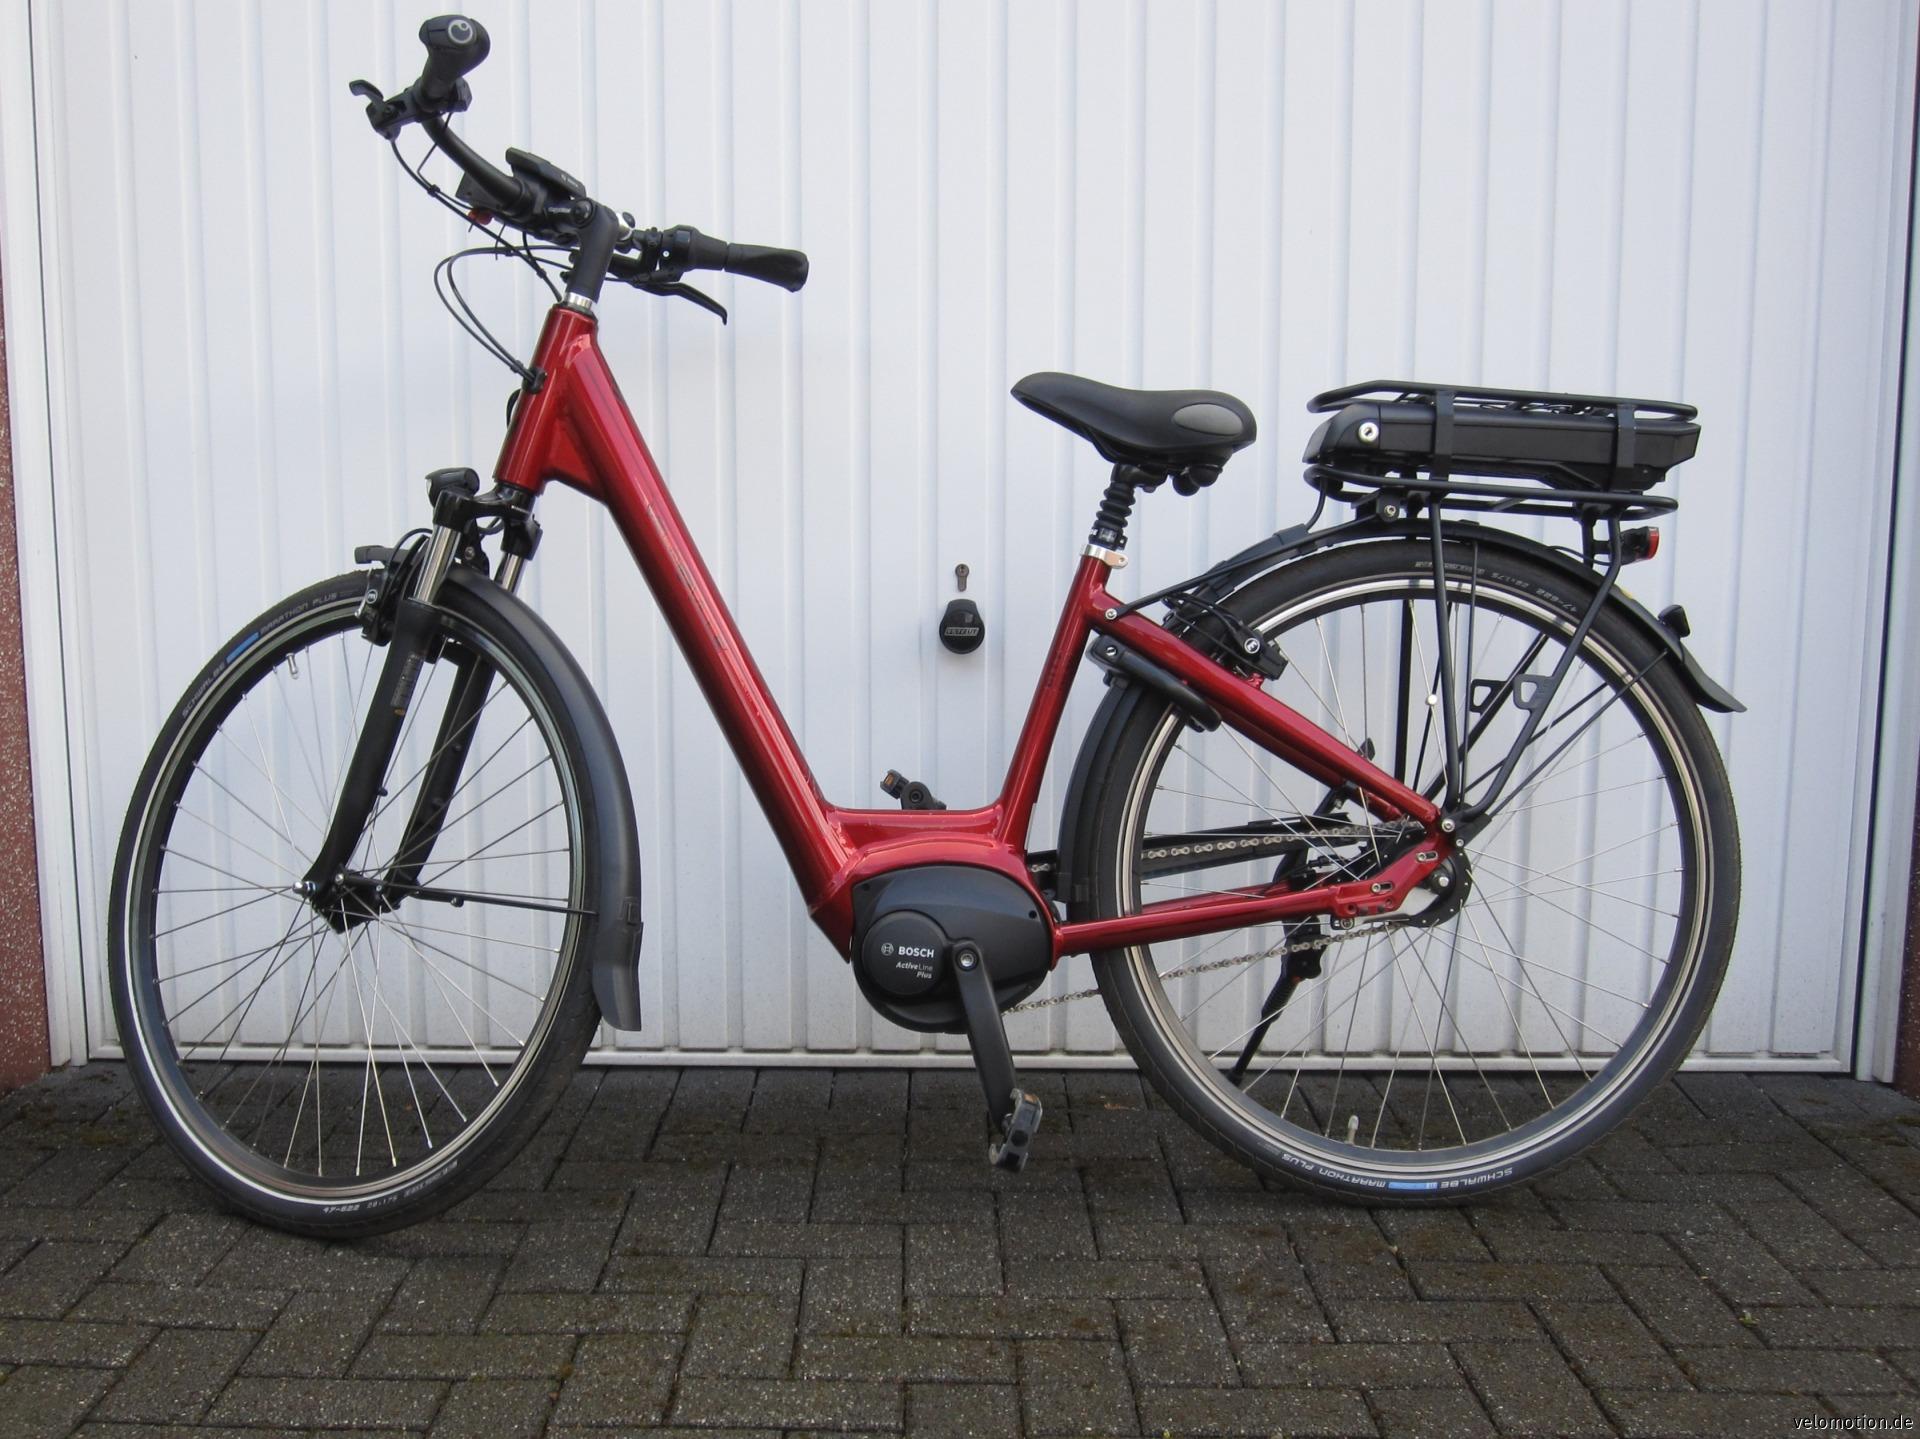 e-bike 28 RH 45 cm VeloDeVille, 28 KM gefahren  #1